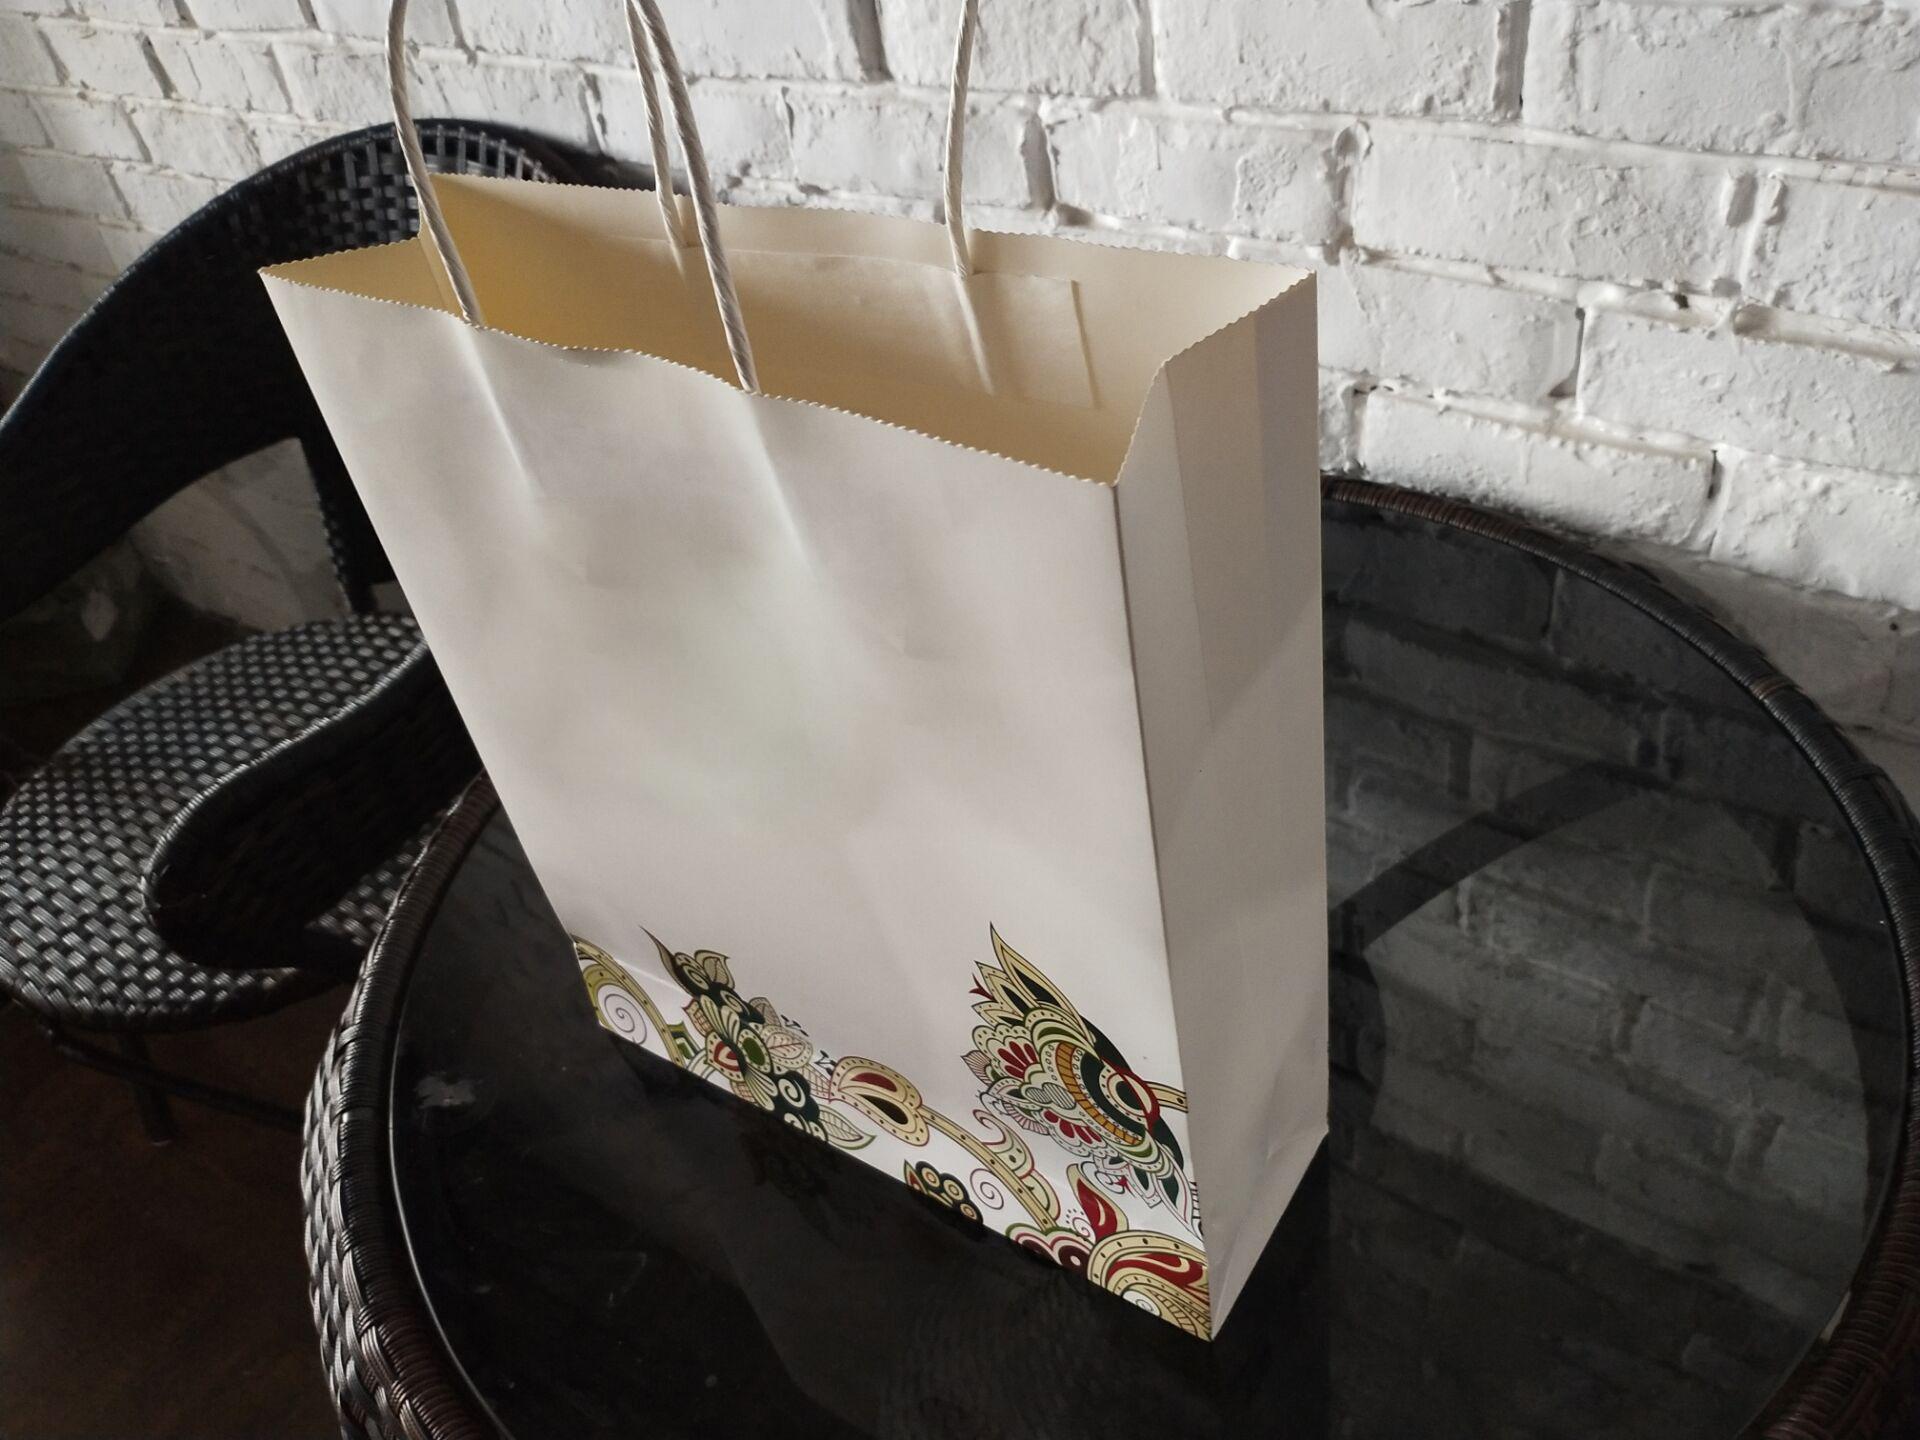 设计一个手提袋多少钱?手提袋设计价格贵不贵?